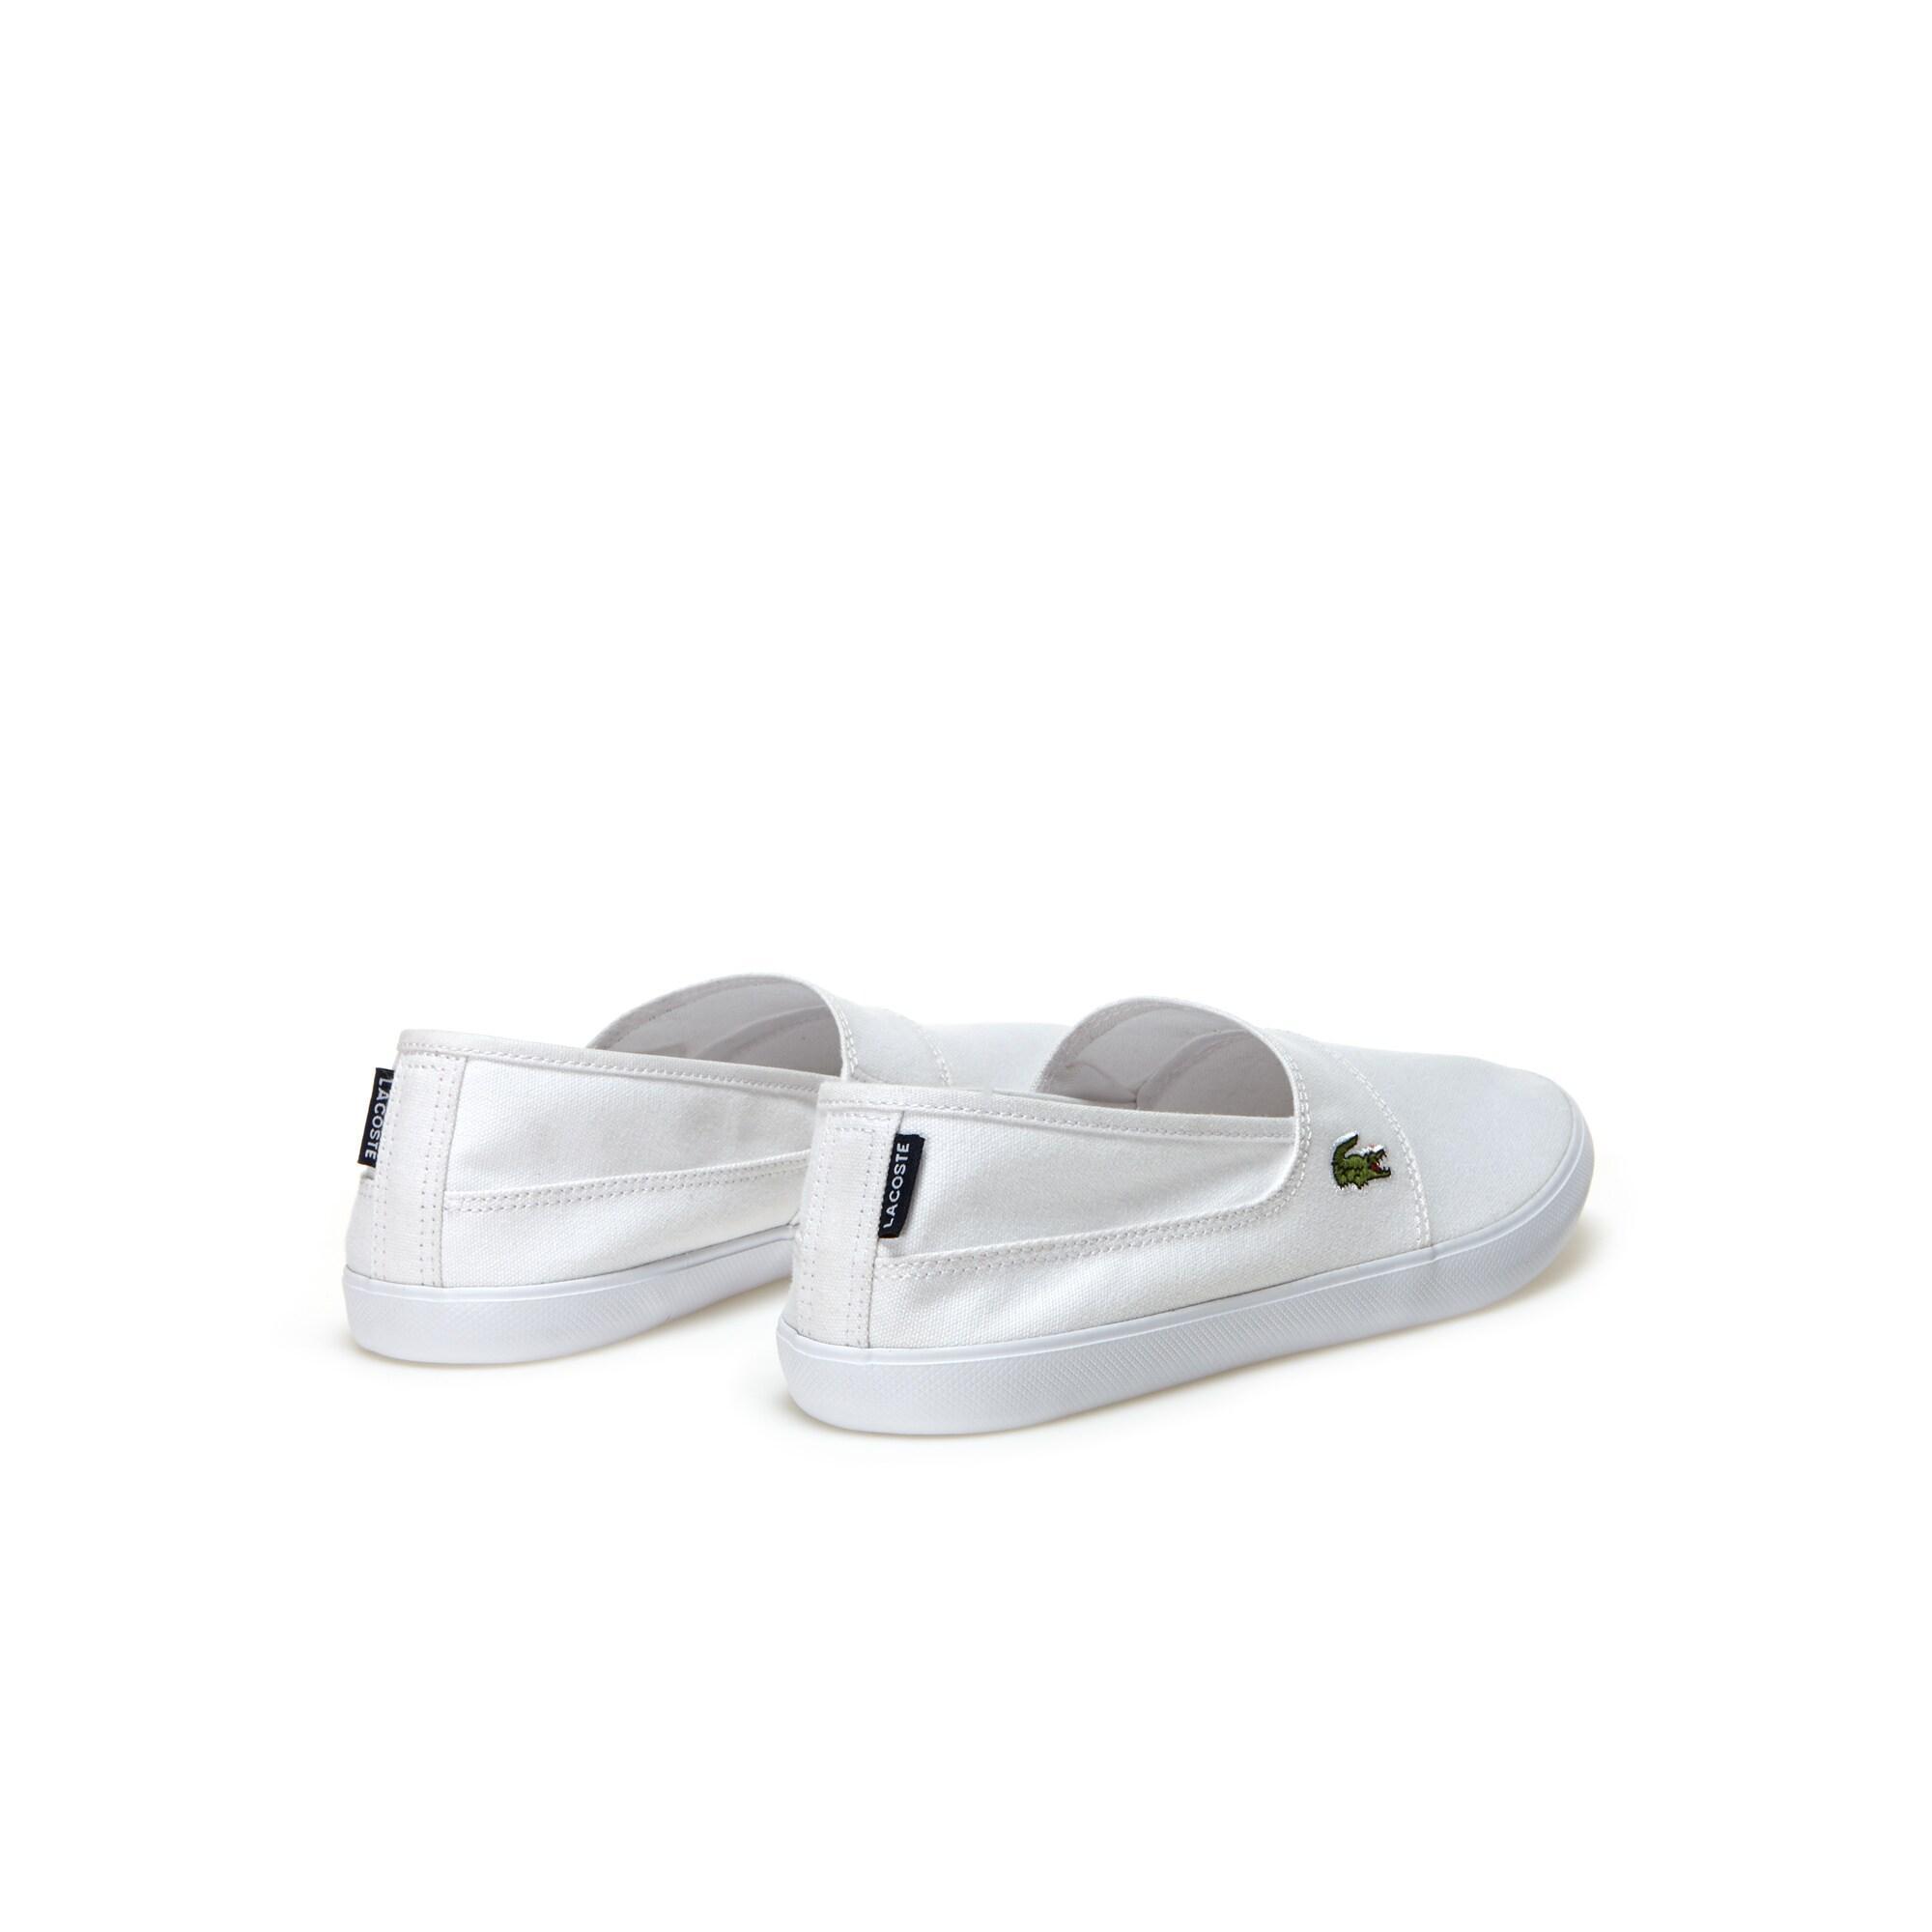 Lacoste Men's Graduate Premium Leather Slip on